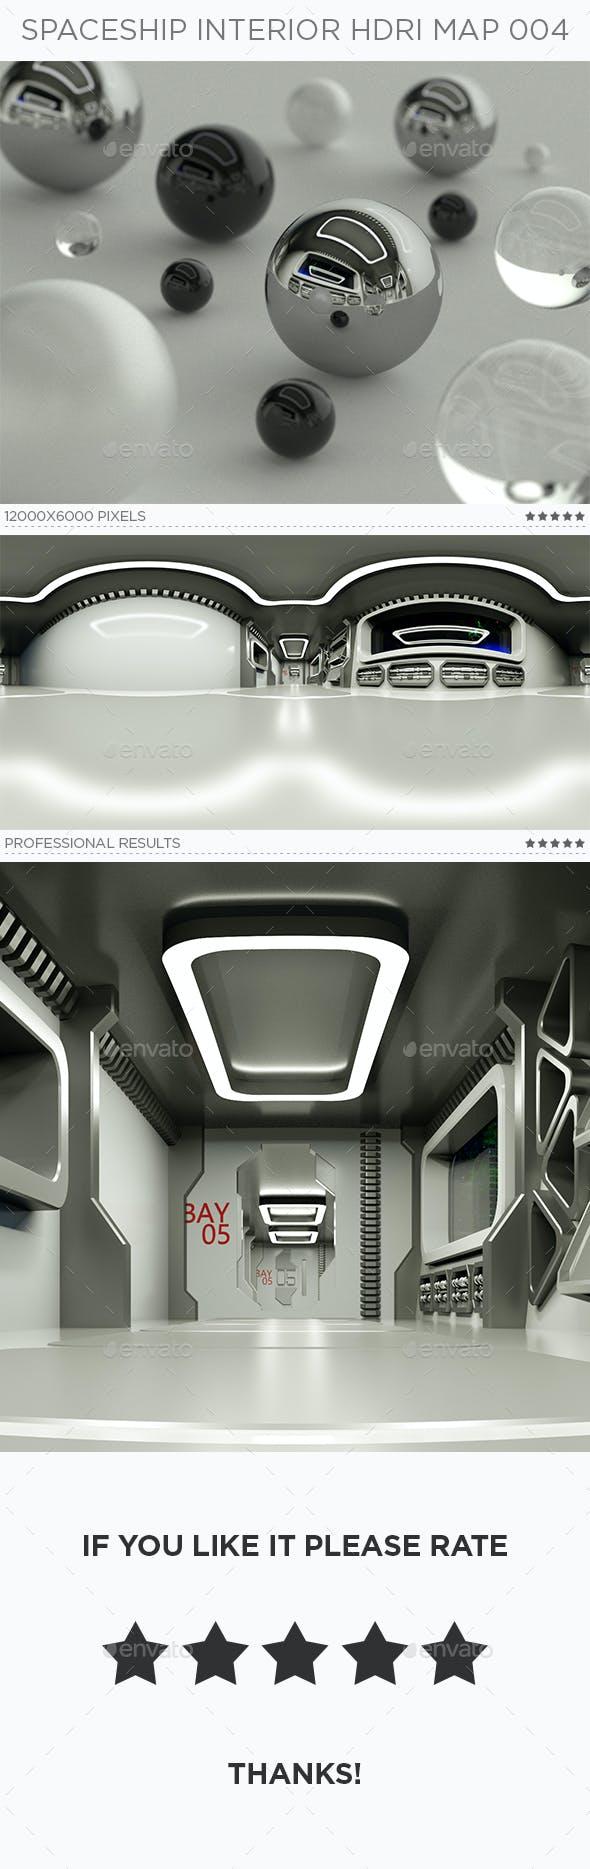 Spaceship Interior HDRi Map 004 - 3DOcean Item for Sale